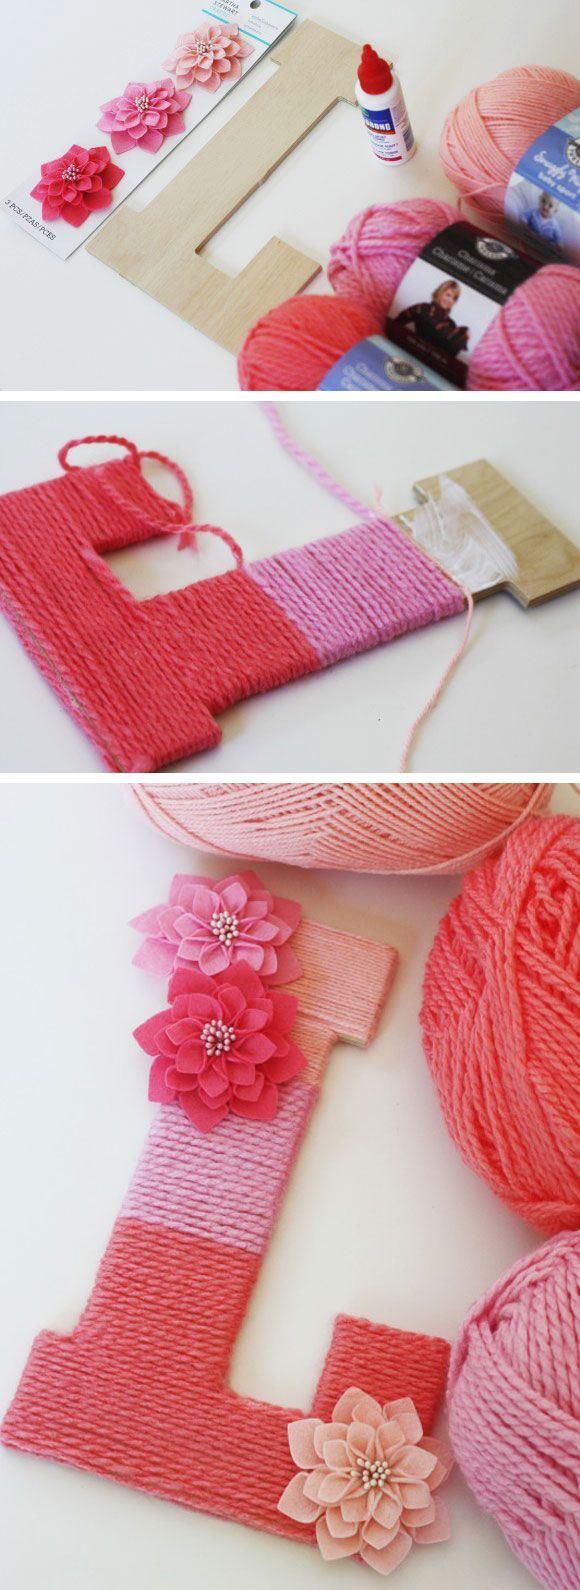 60 einfache & süße Dinge oder Geschenke, die Sie für einen Baby – Hut basteln können   – Diy and crafts videos sewing style